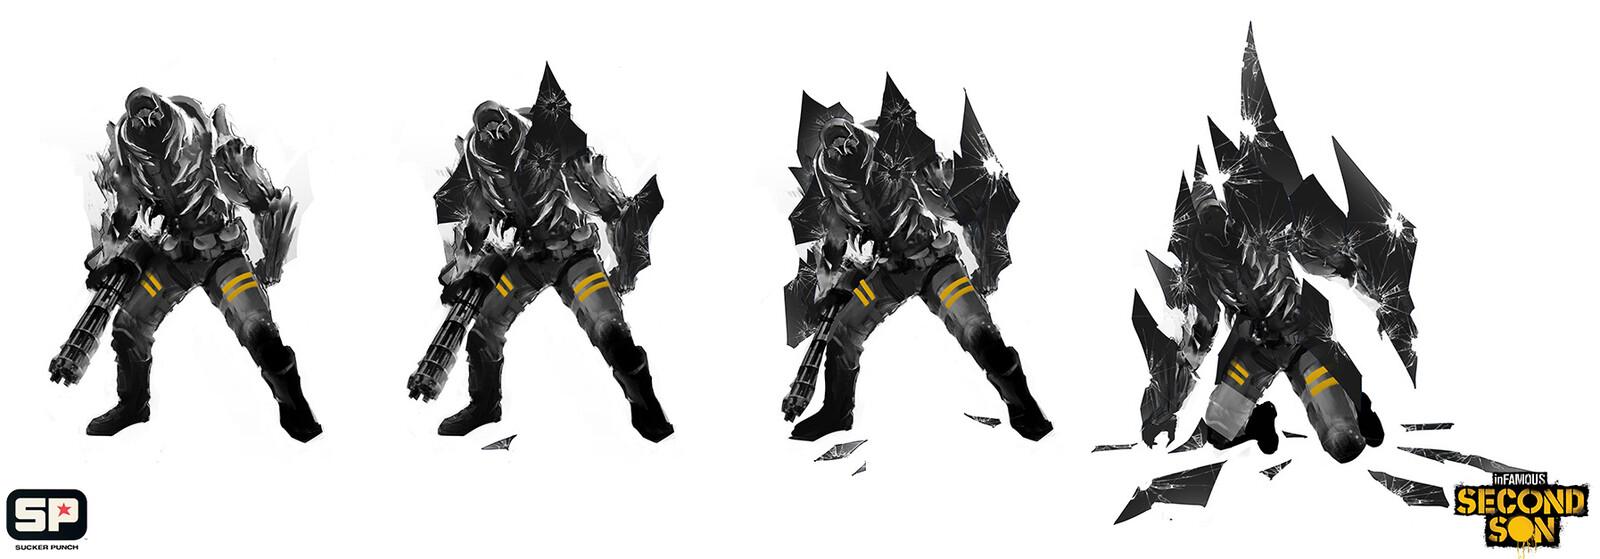 Glass knight taking damage